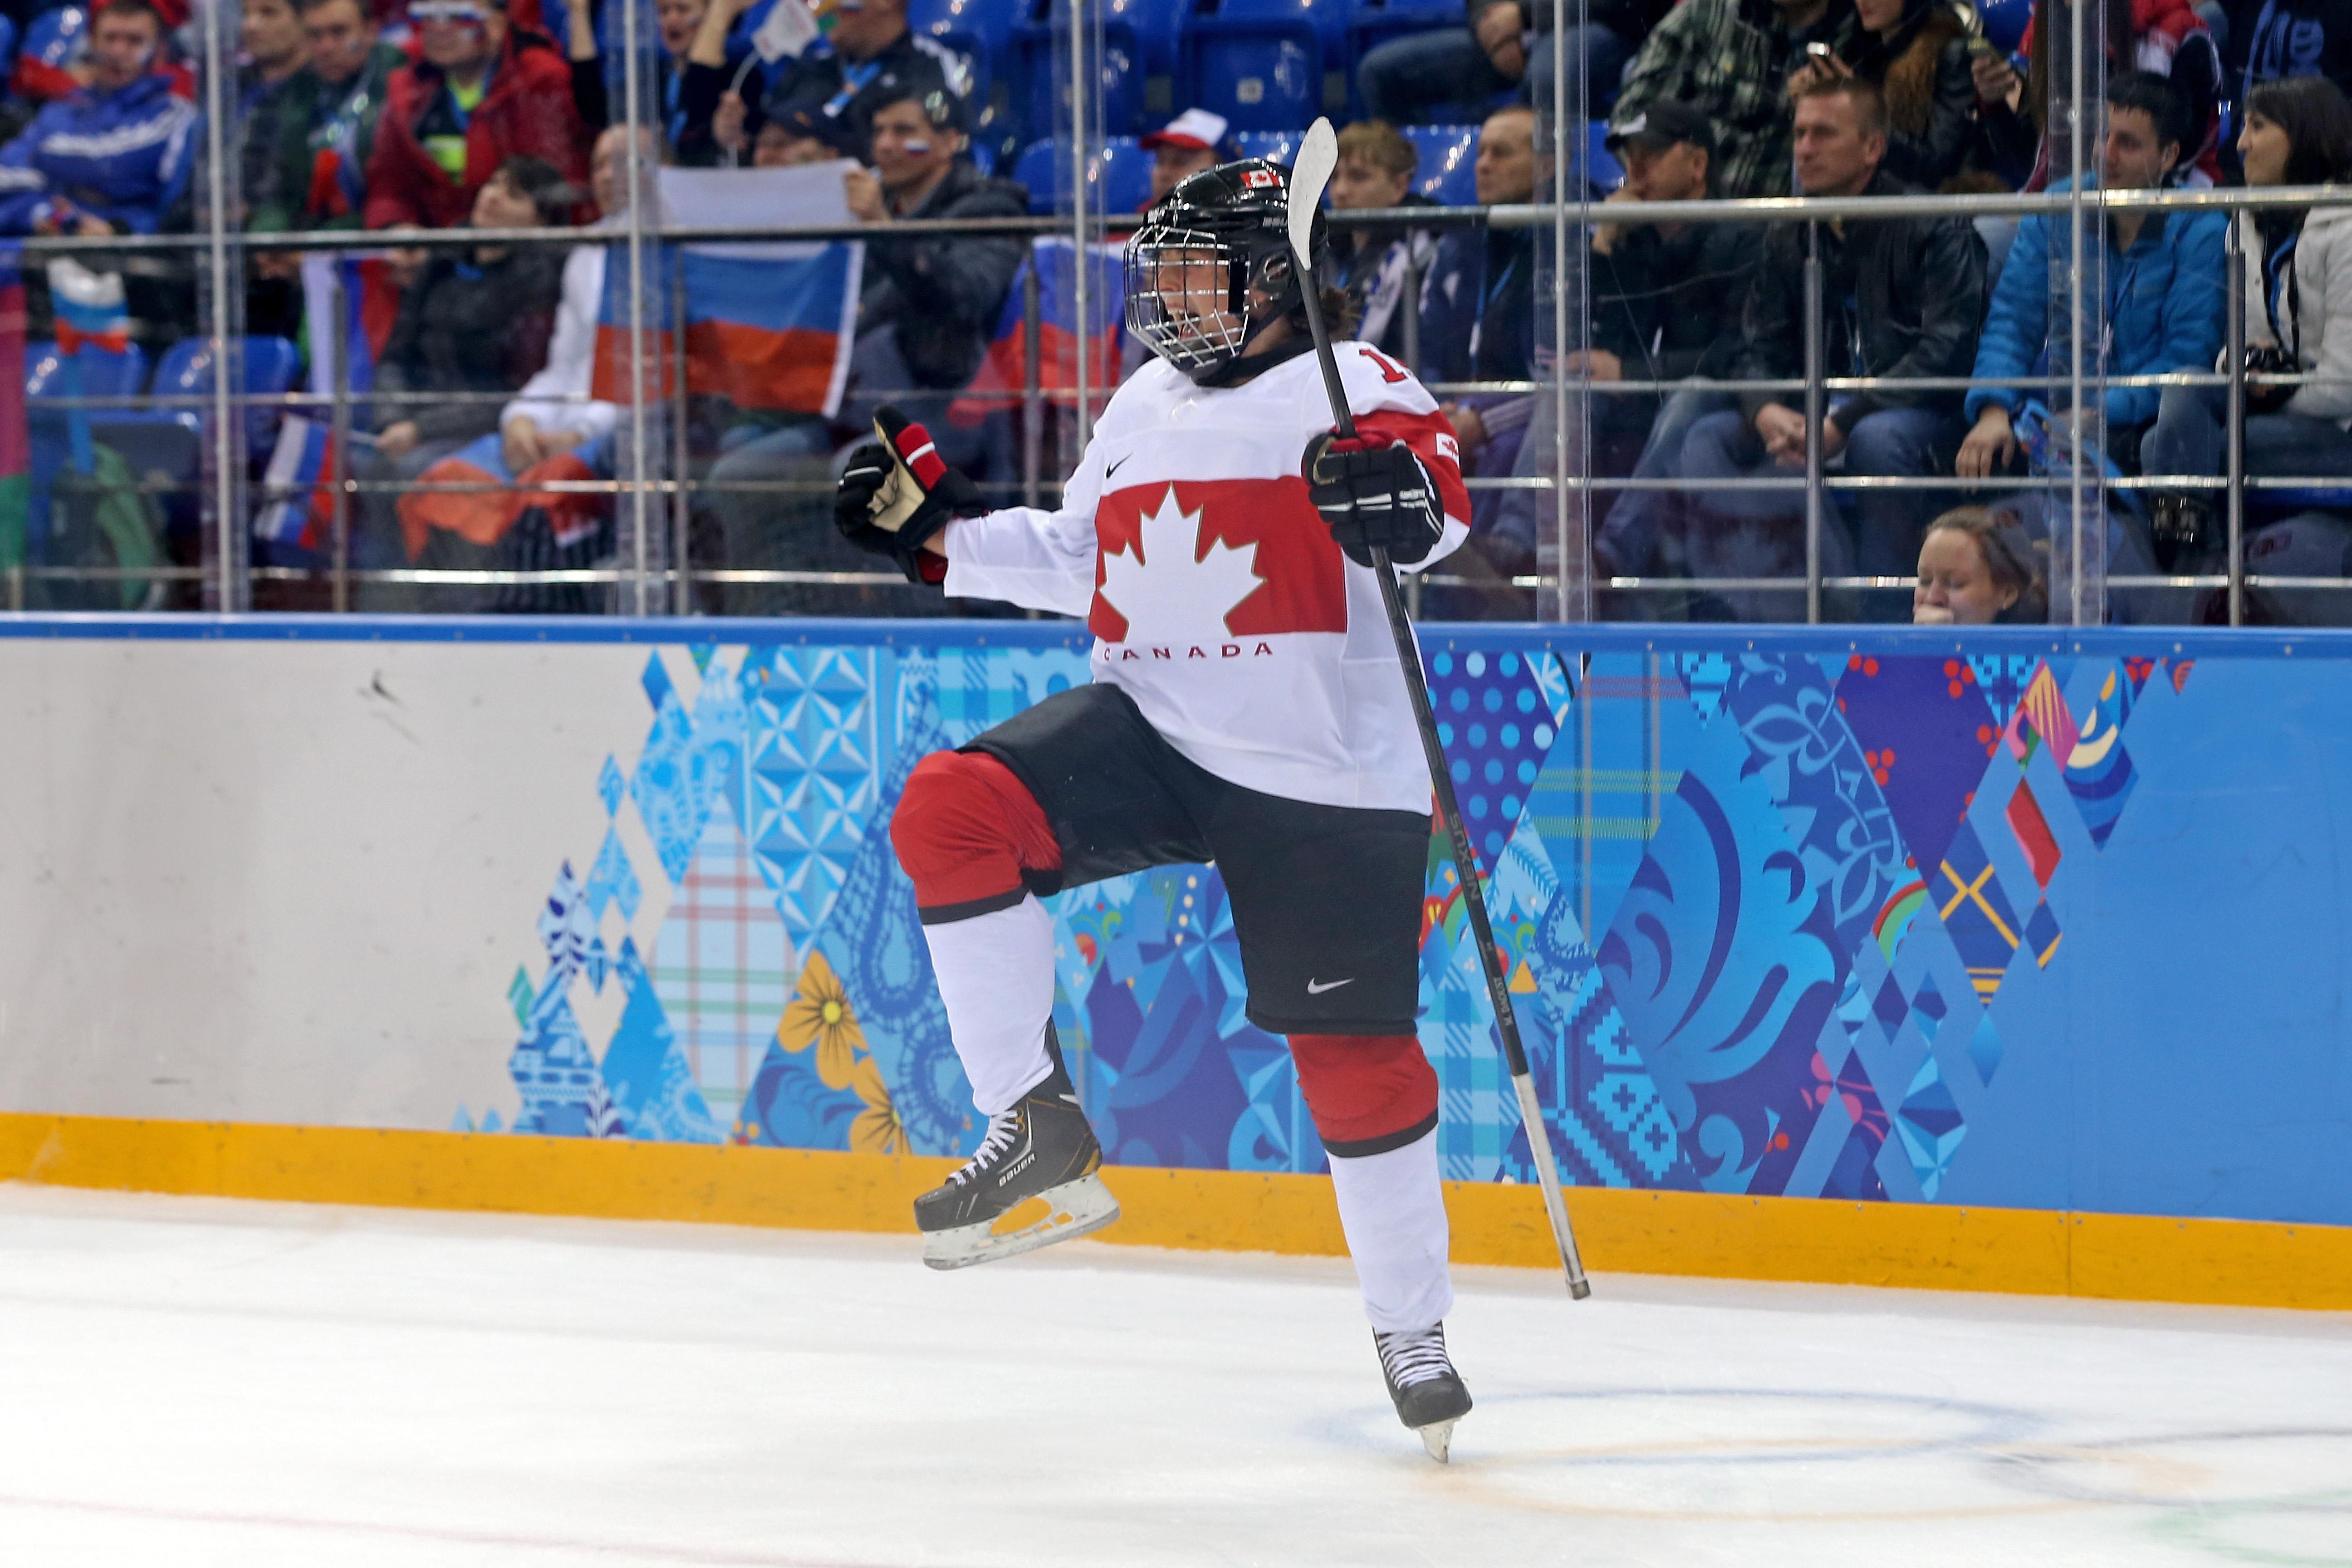 Ice Hockey - Winter Olympics Day 10 - Canada v Switzerland